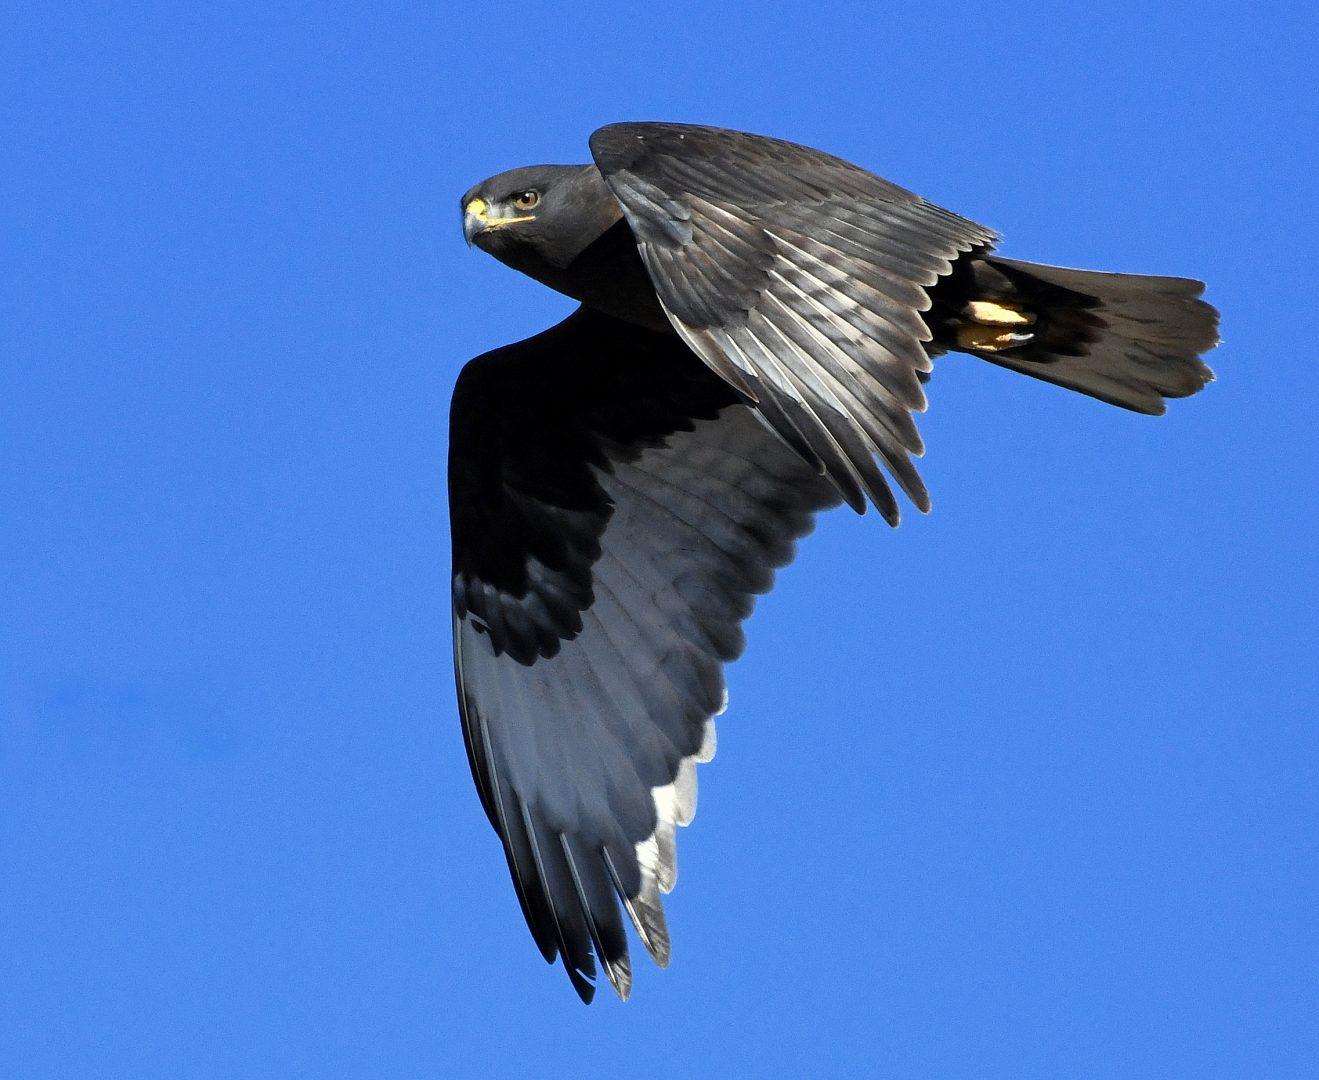 Ferruginous Hawk-Dark Morph   Estancia, N.M.  Jan. 2021